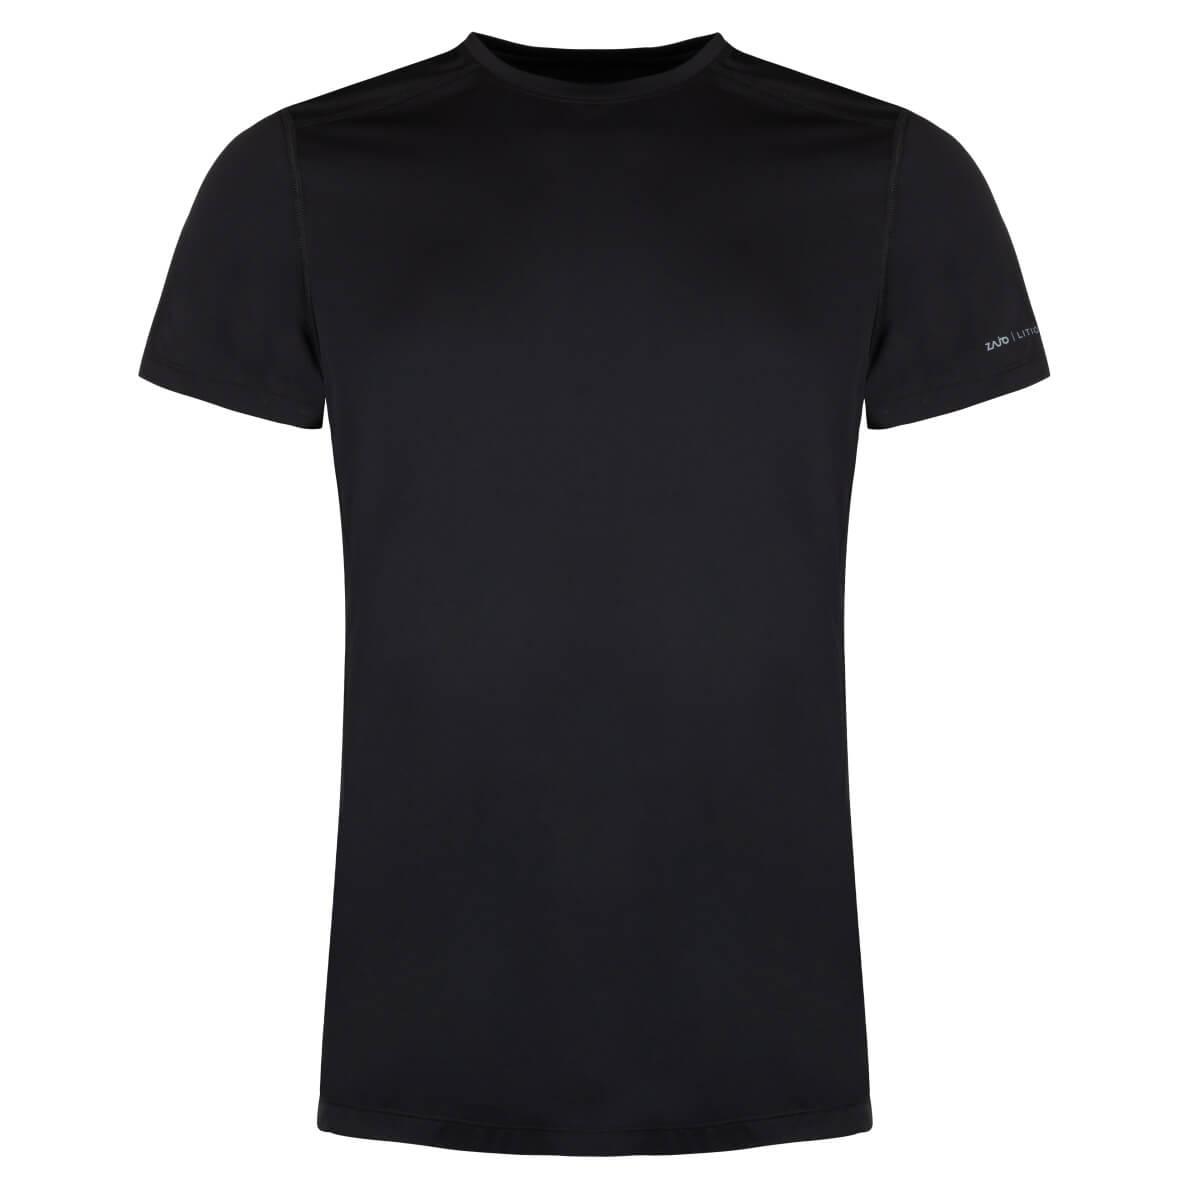 ZAJO Litio T-shirt SS Black pánske tričko - veľkosť S